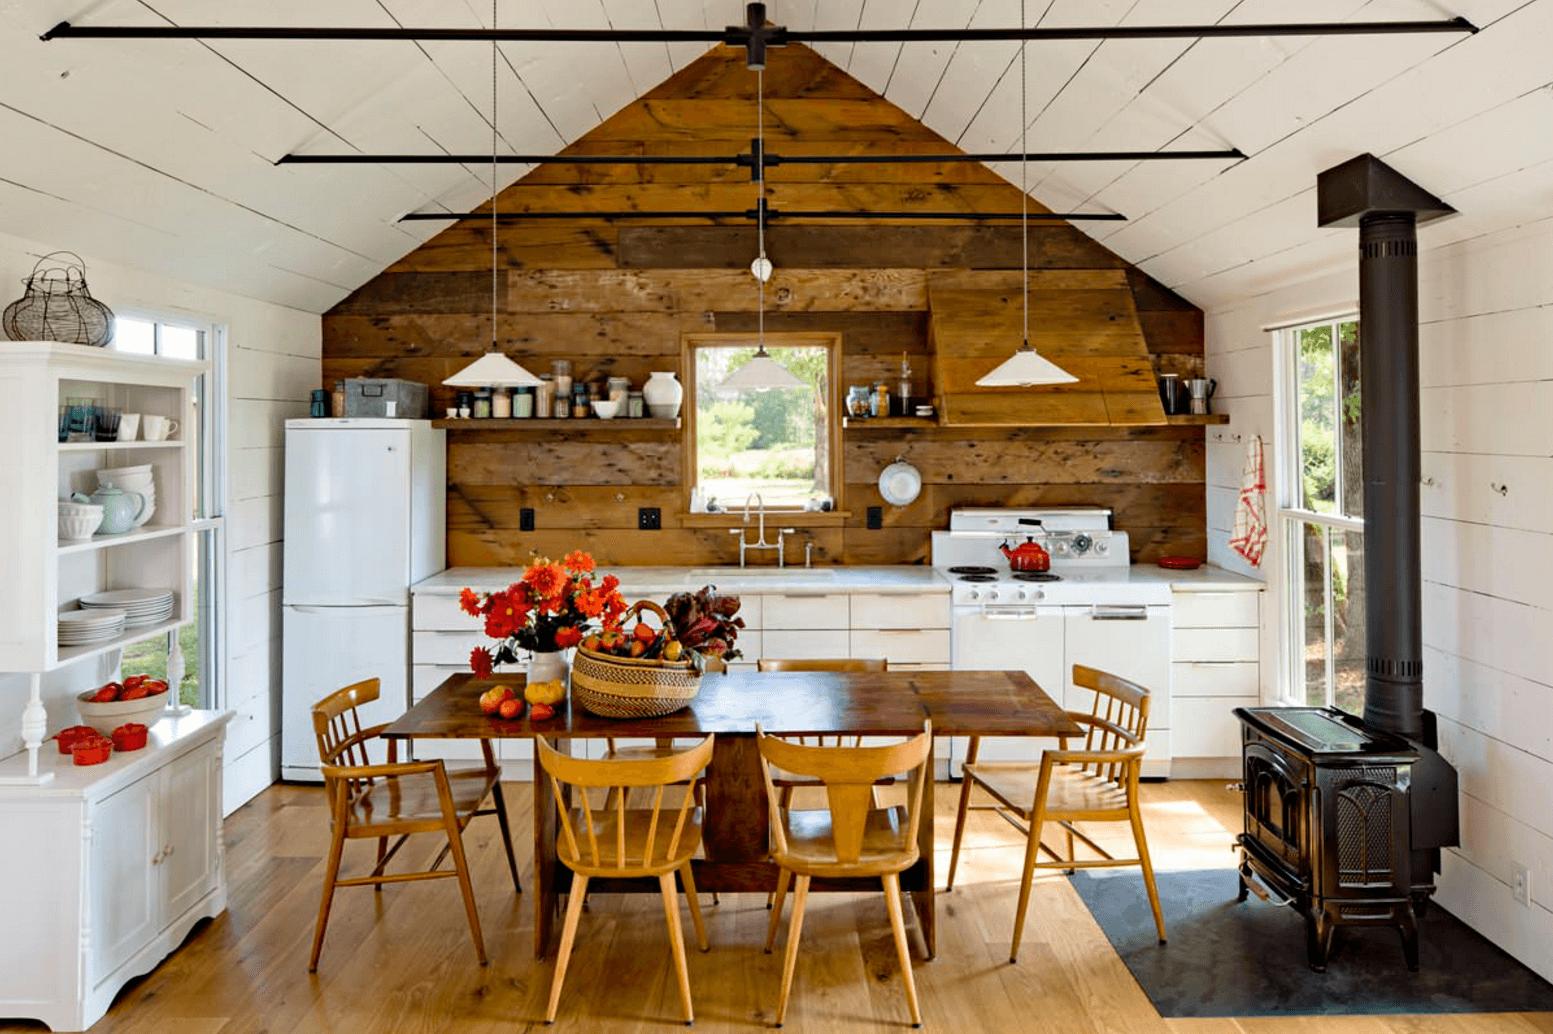 Идея дизайна фартука на кухню в деревенском стиле - фото 4